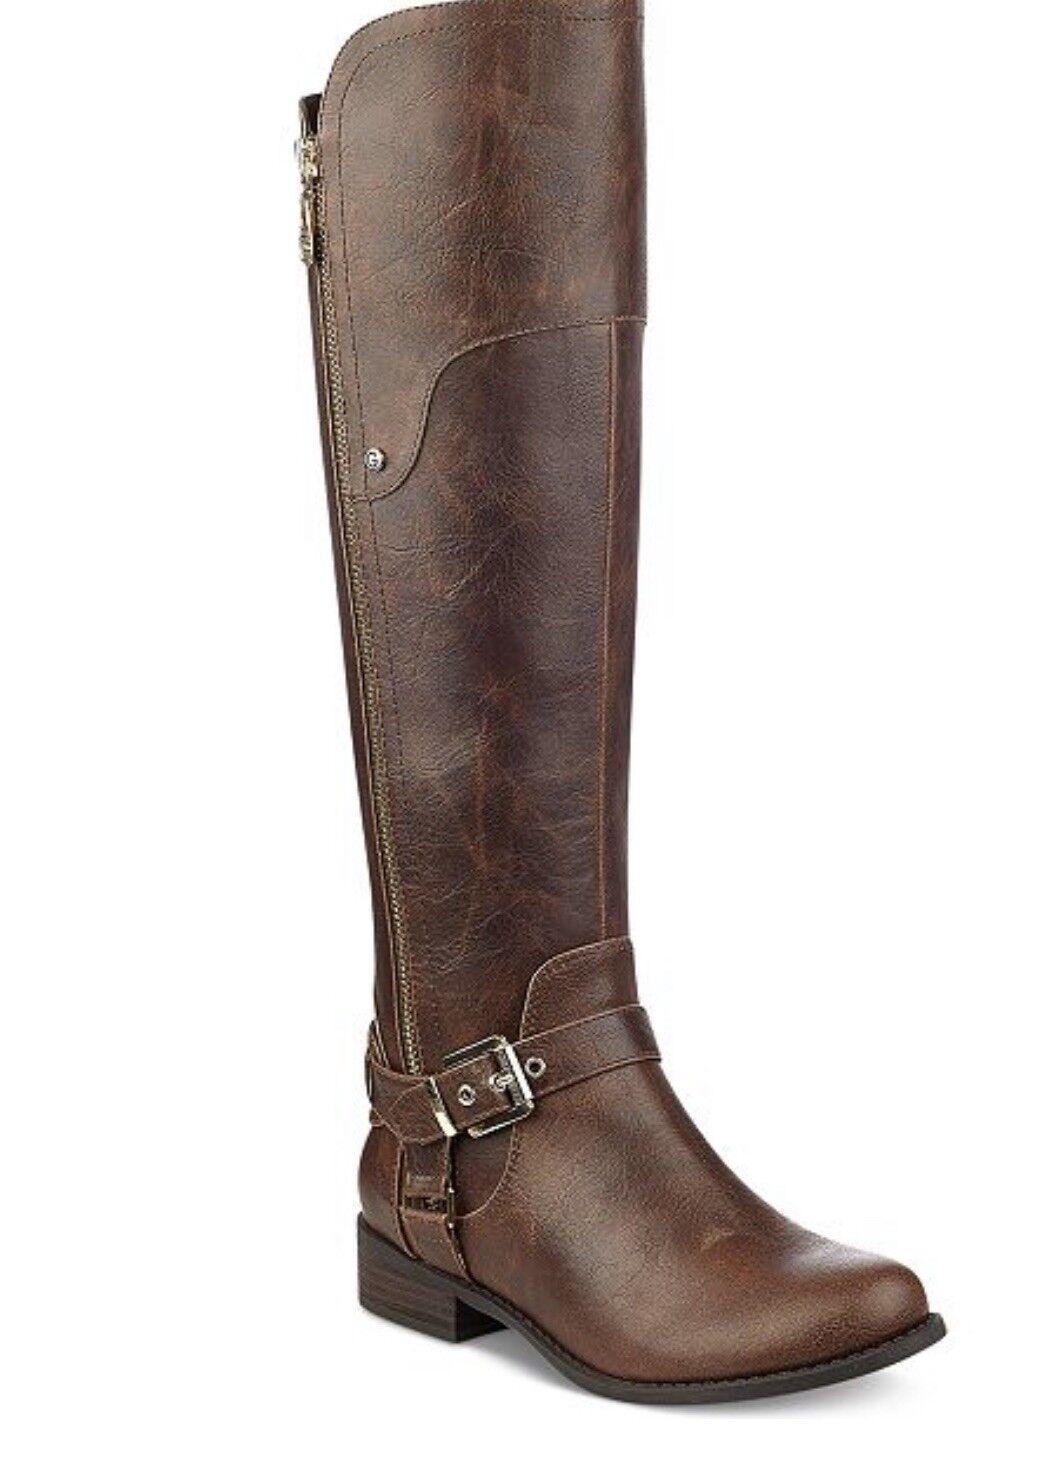 G By Guess Femme HARSON Large Mi-mollet en cuir synthétique Genou-Bottes hautes chaussures BHFO 6879